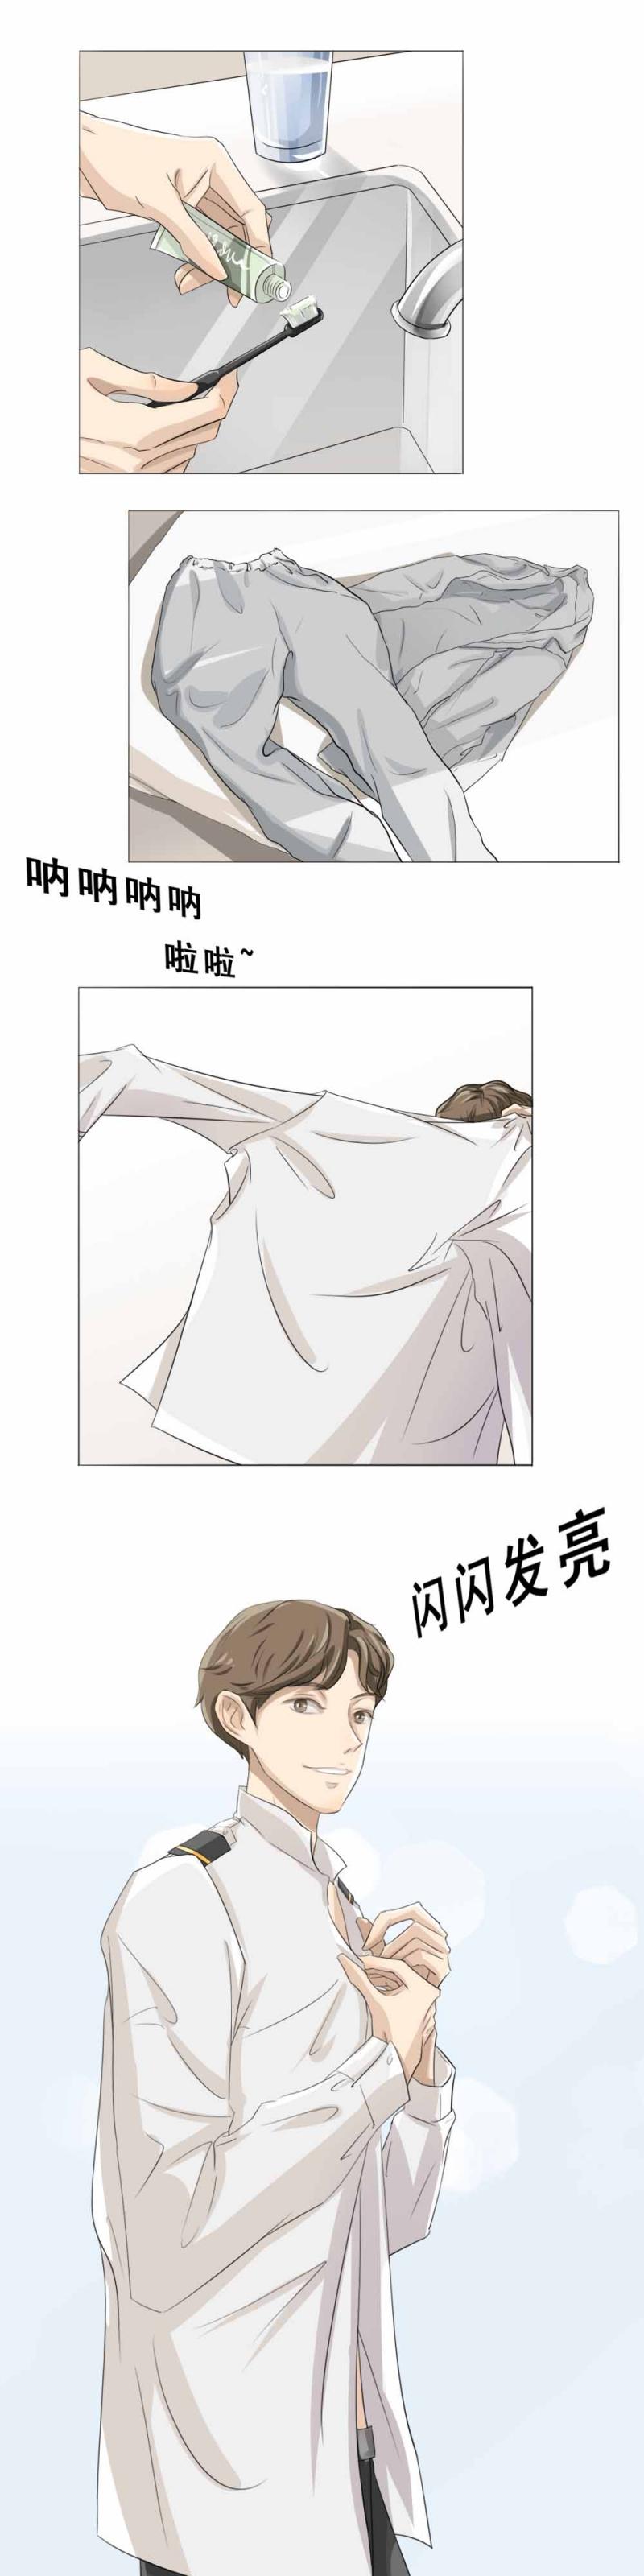 青航漫画第2话